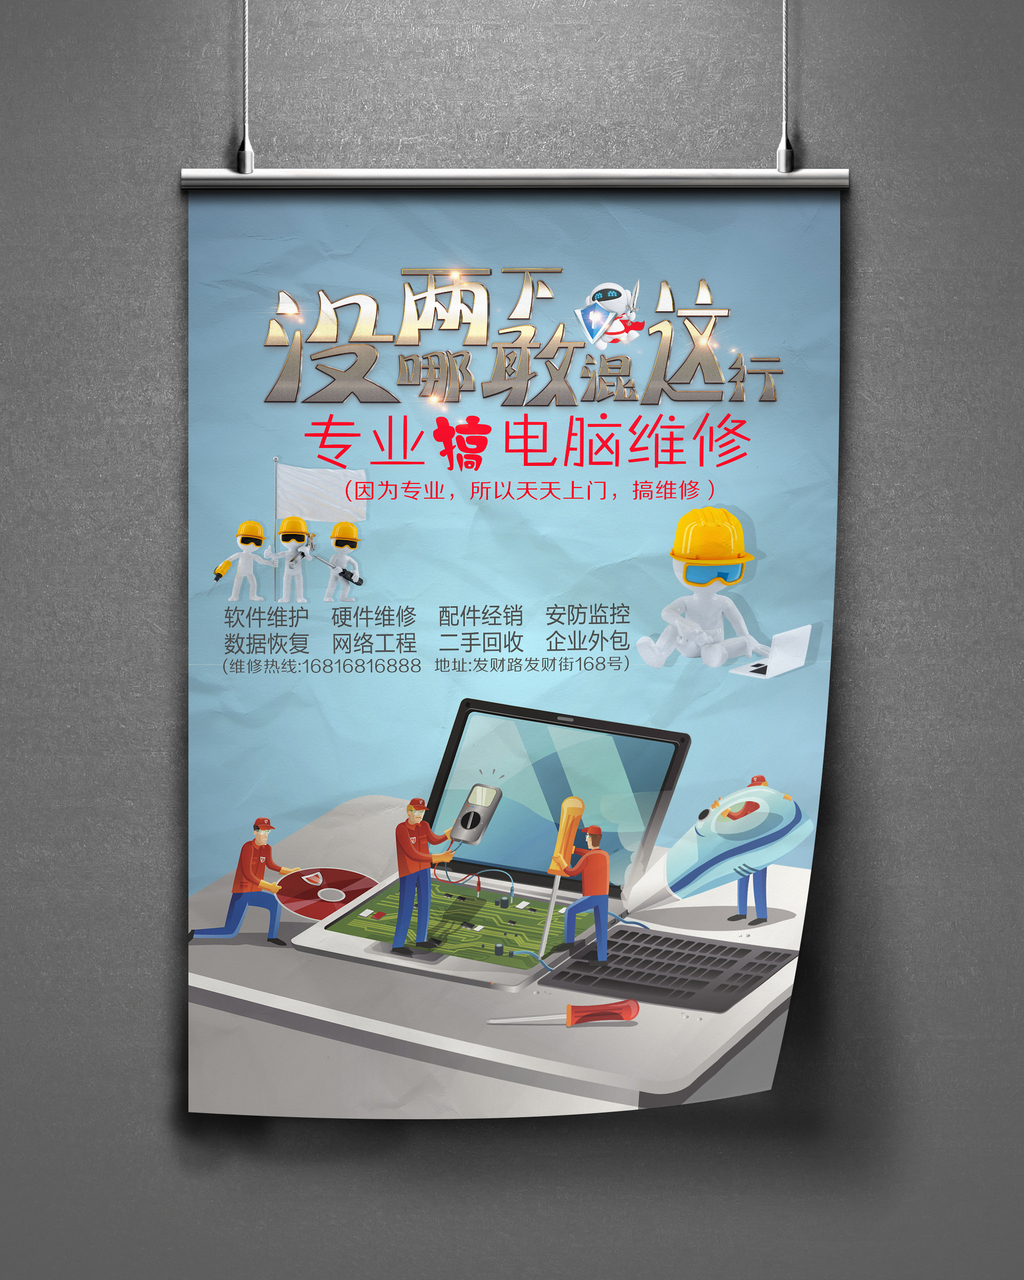 创意电脑维修海报宣传模板下载